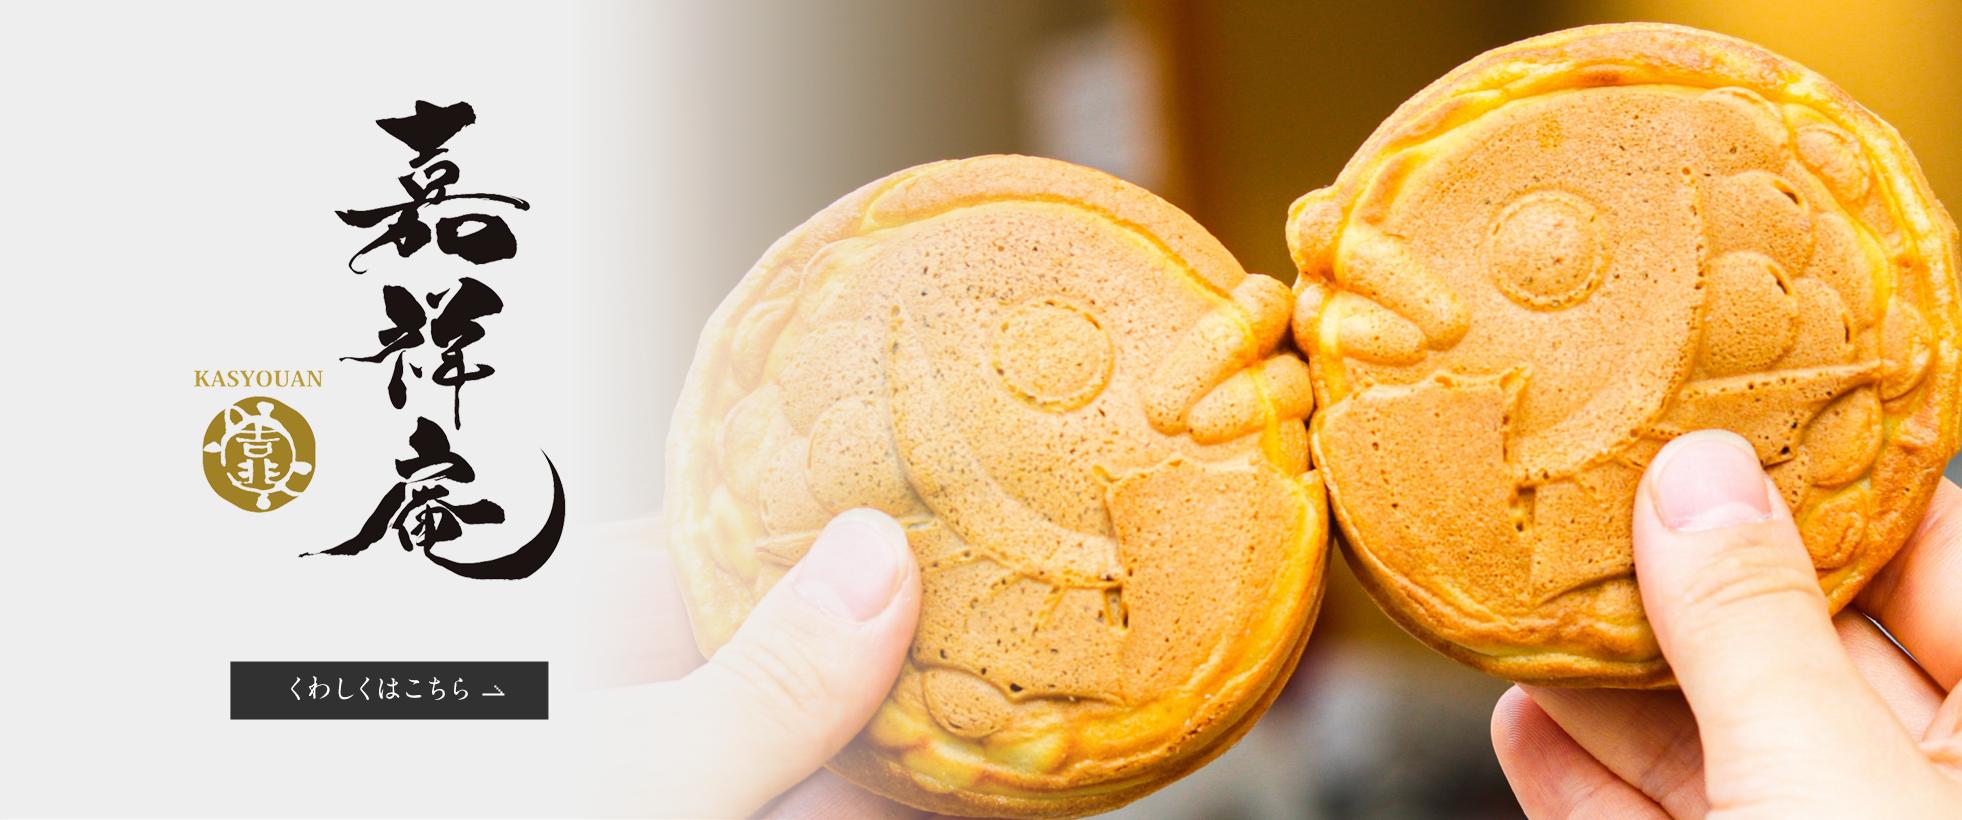 [和菓子]嘉祥庵